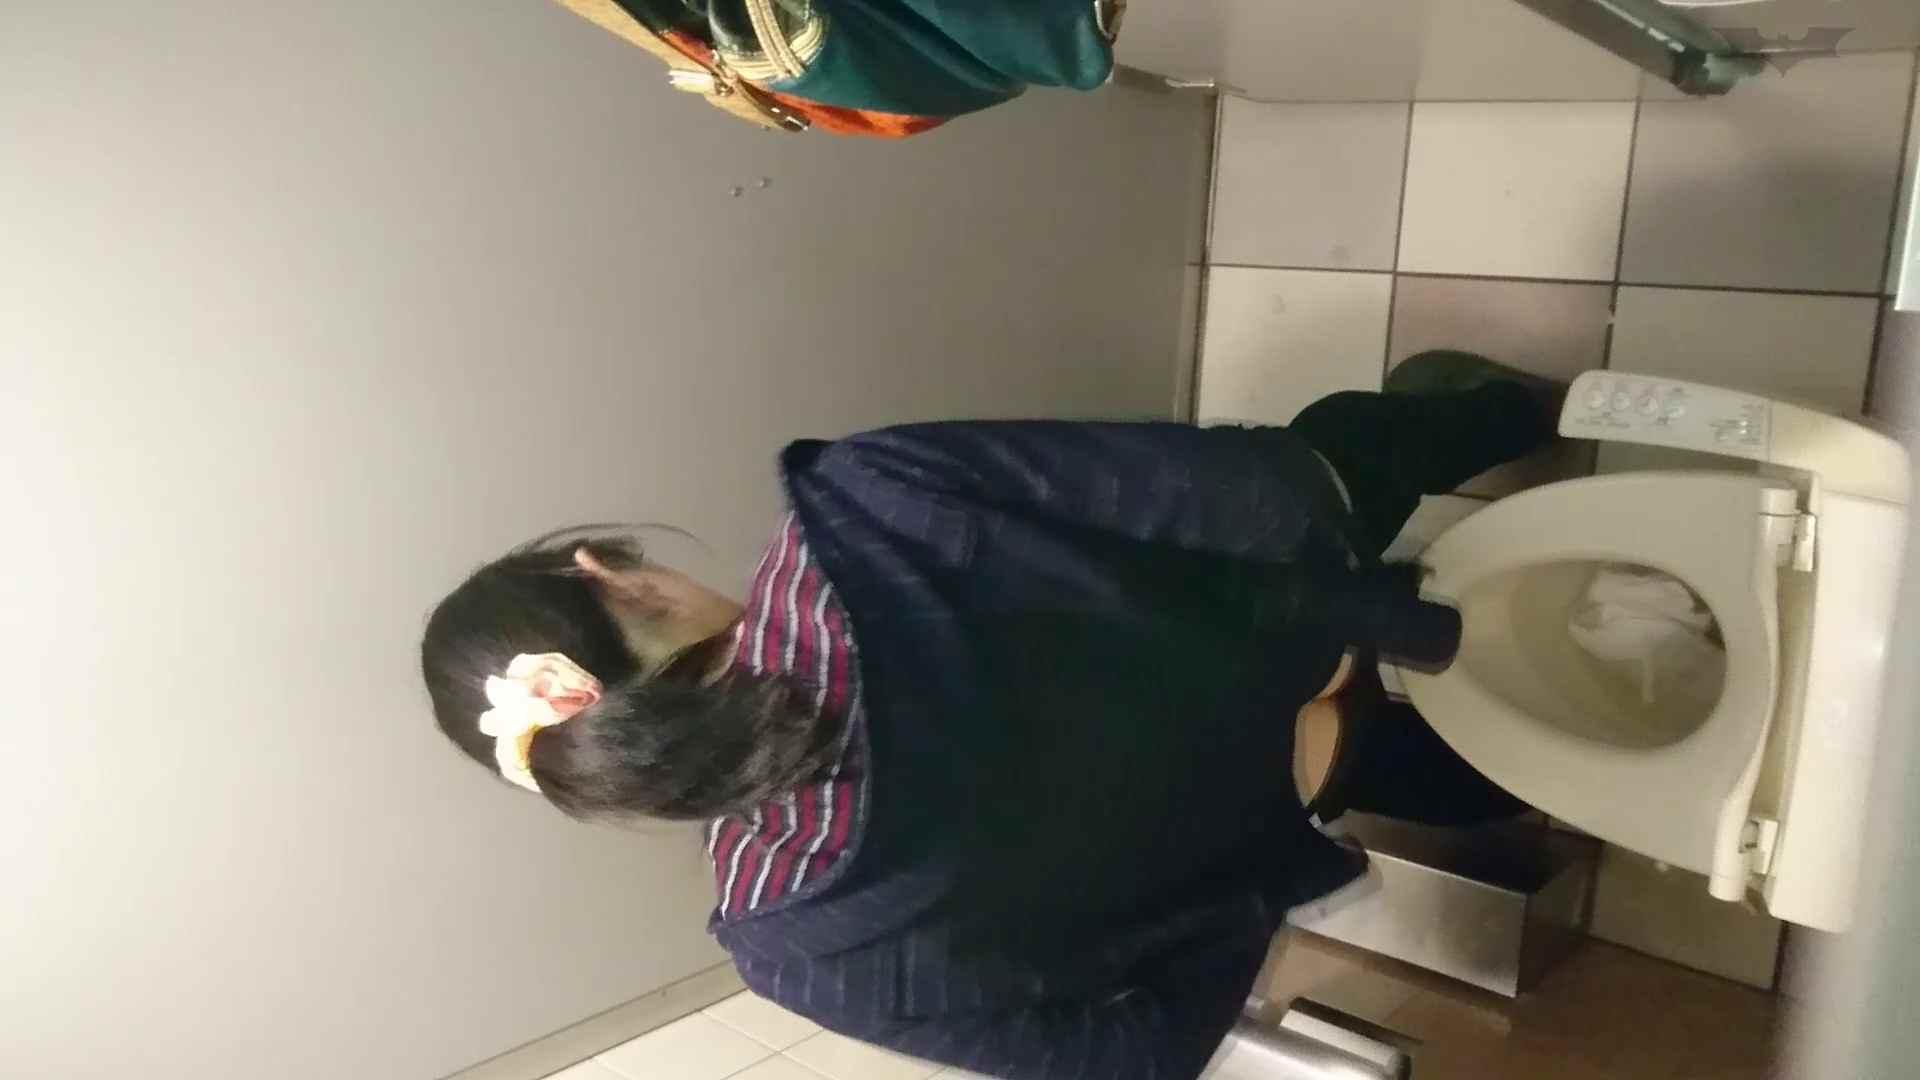 化粧室絵巻 ショッピングモール編 VOL.18 美肌  79PIX 43